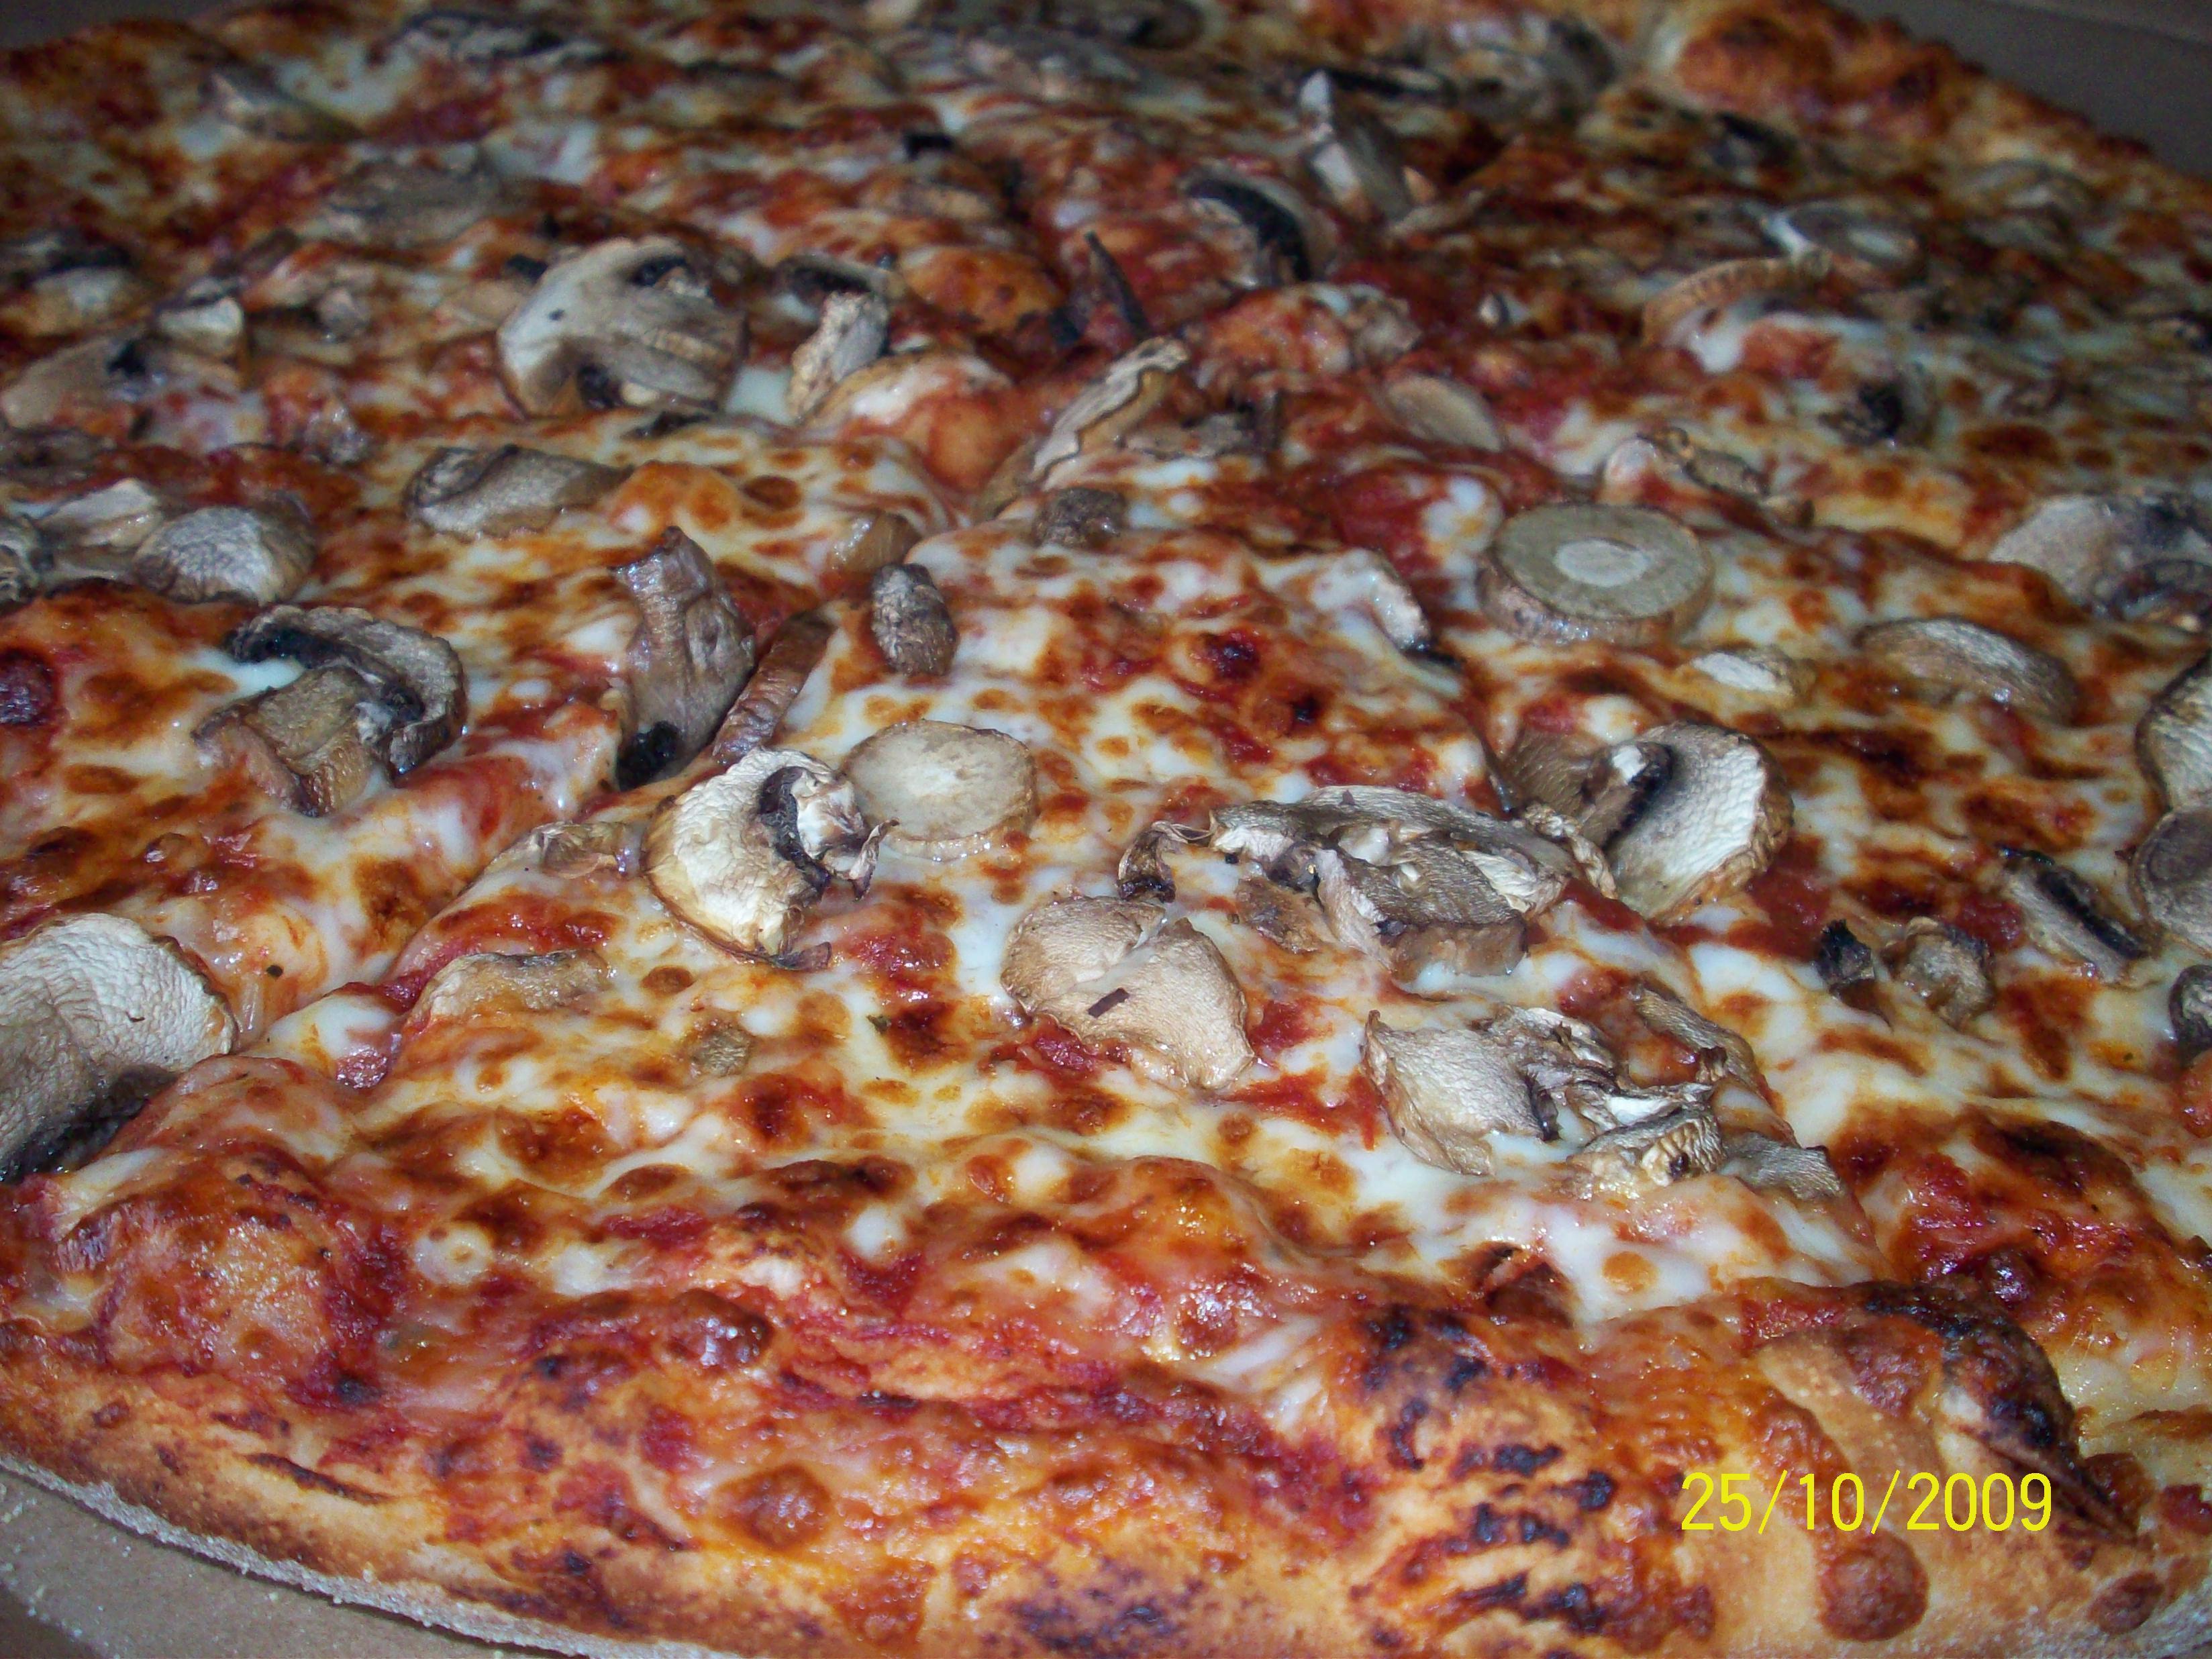 http://foodloader.net/cutie_2009-10-25_Mushroom_Pizza.jpg